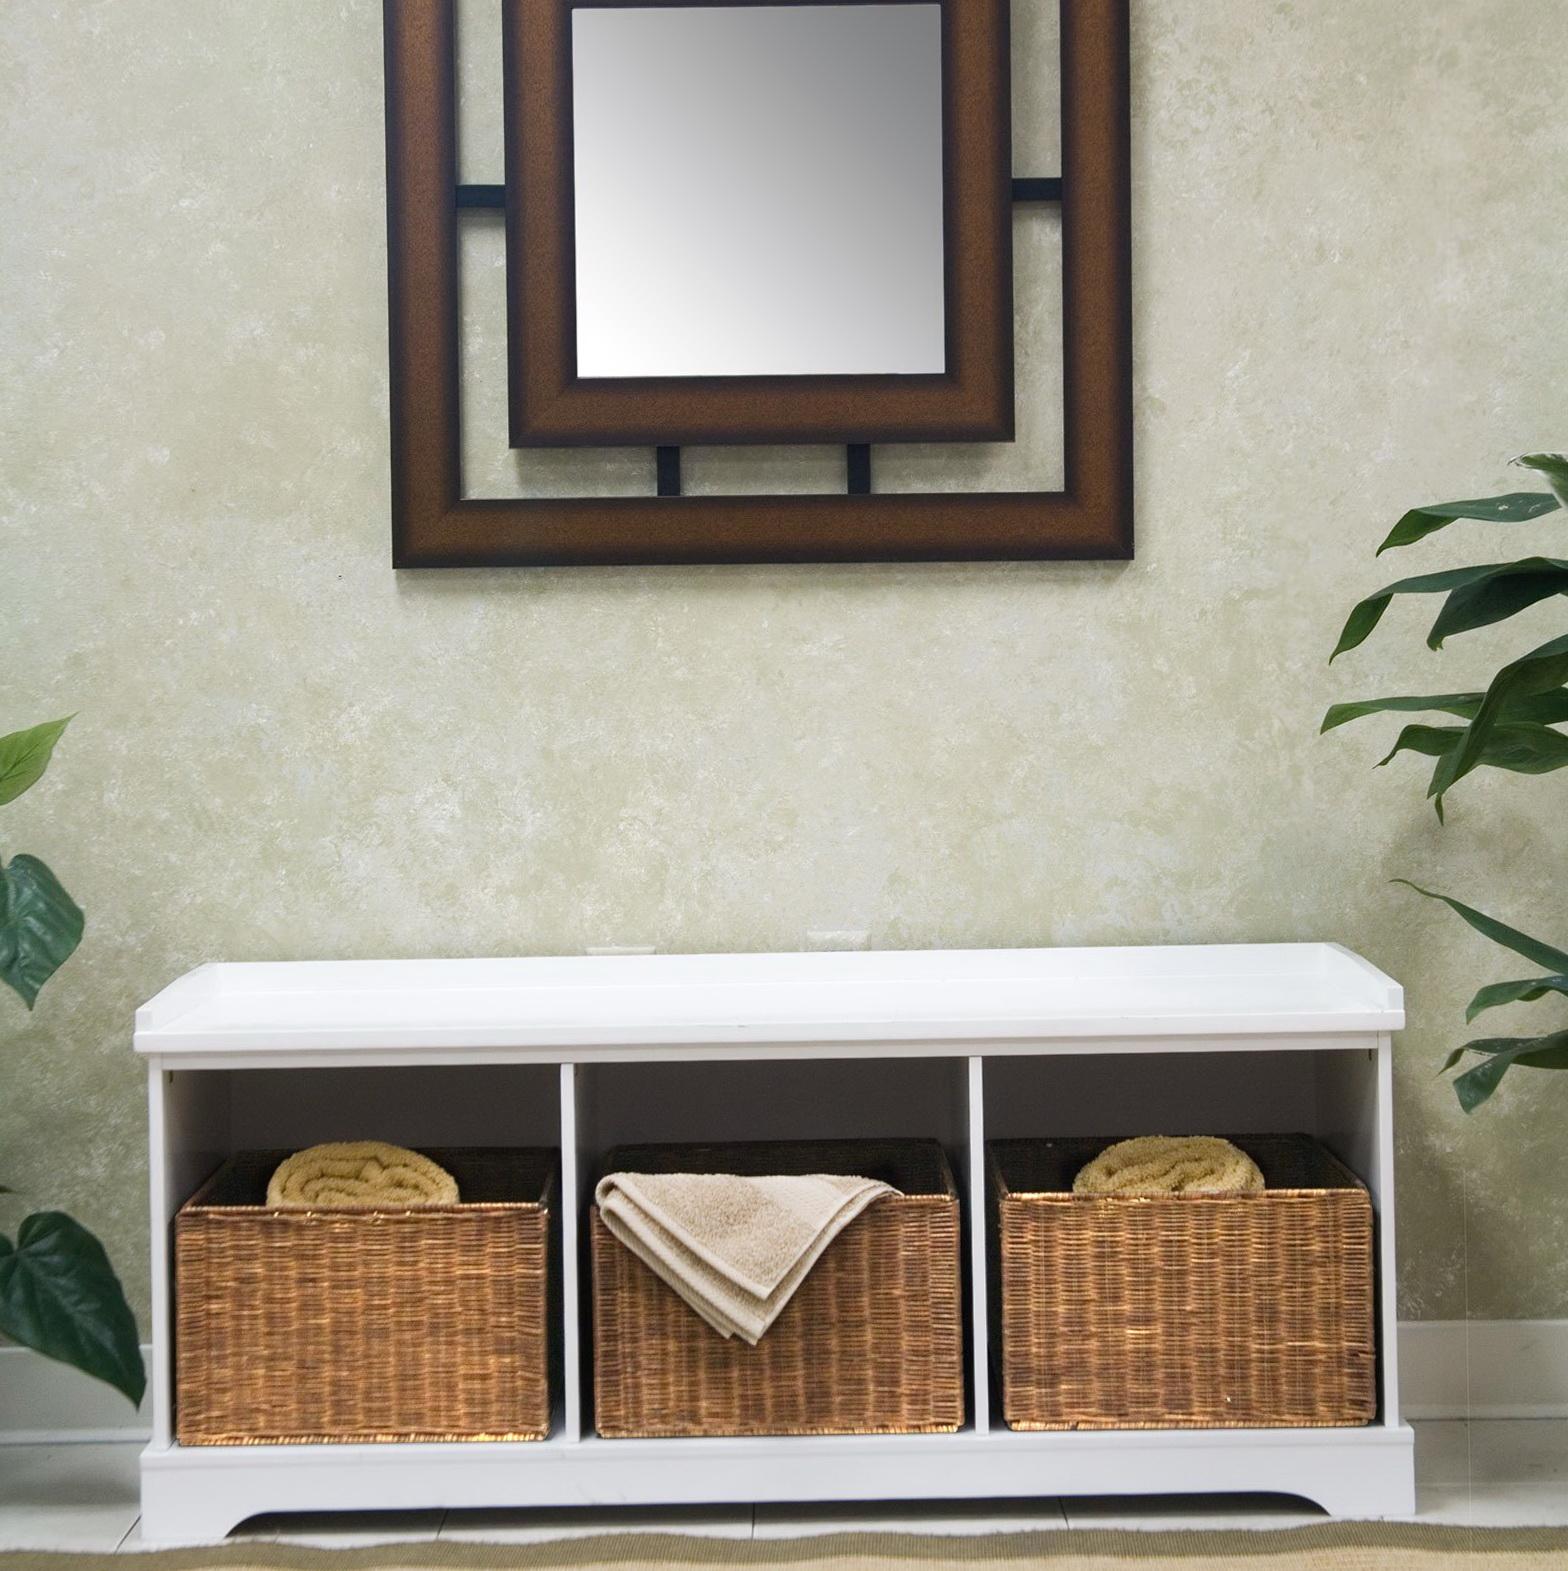 Storage Bench With Baskets Ikea